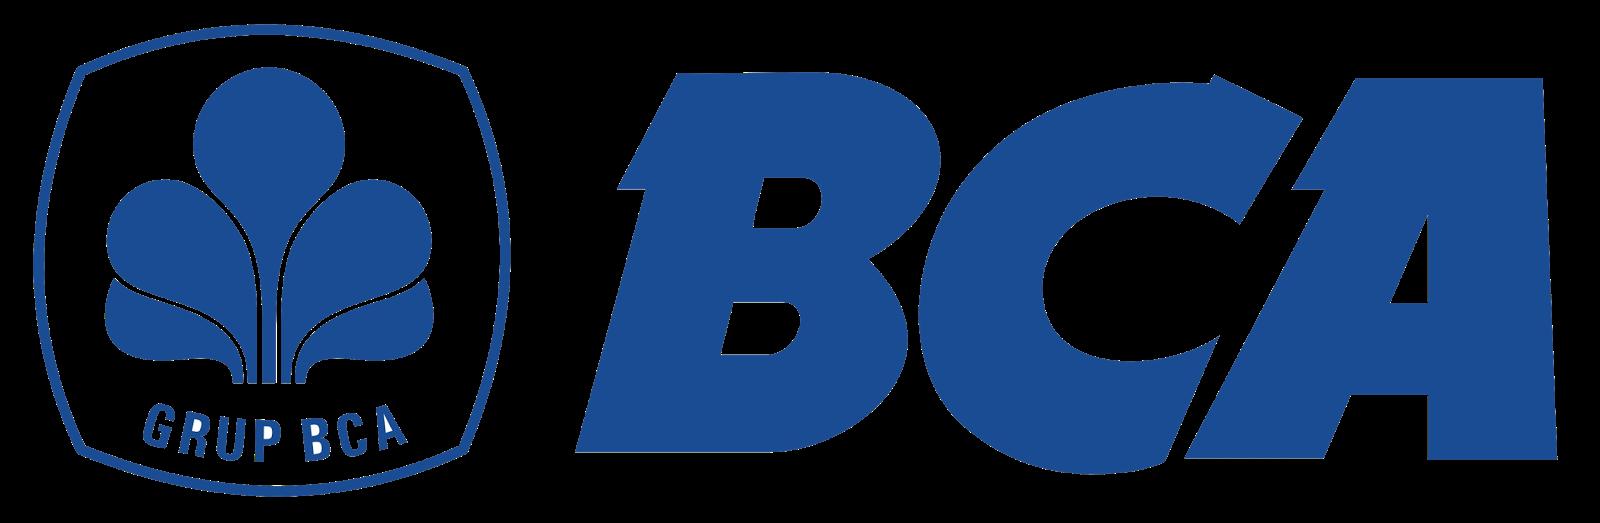 Hasil gambar untuk logo bca png